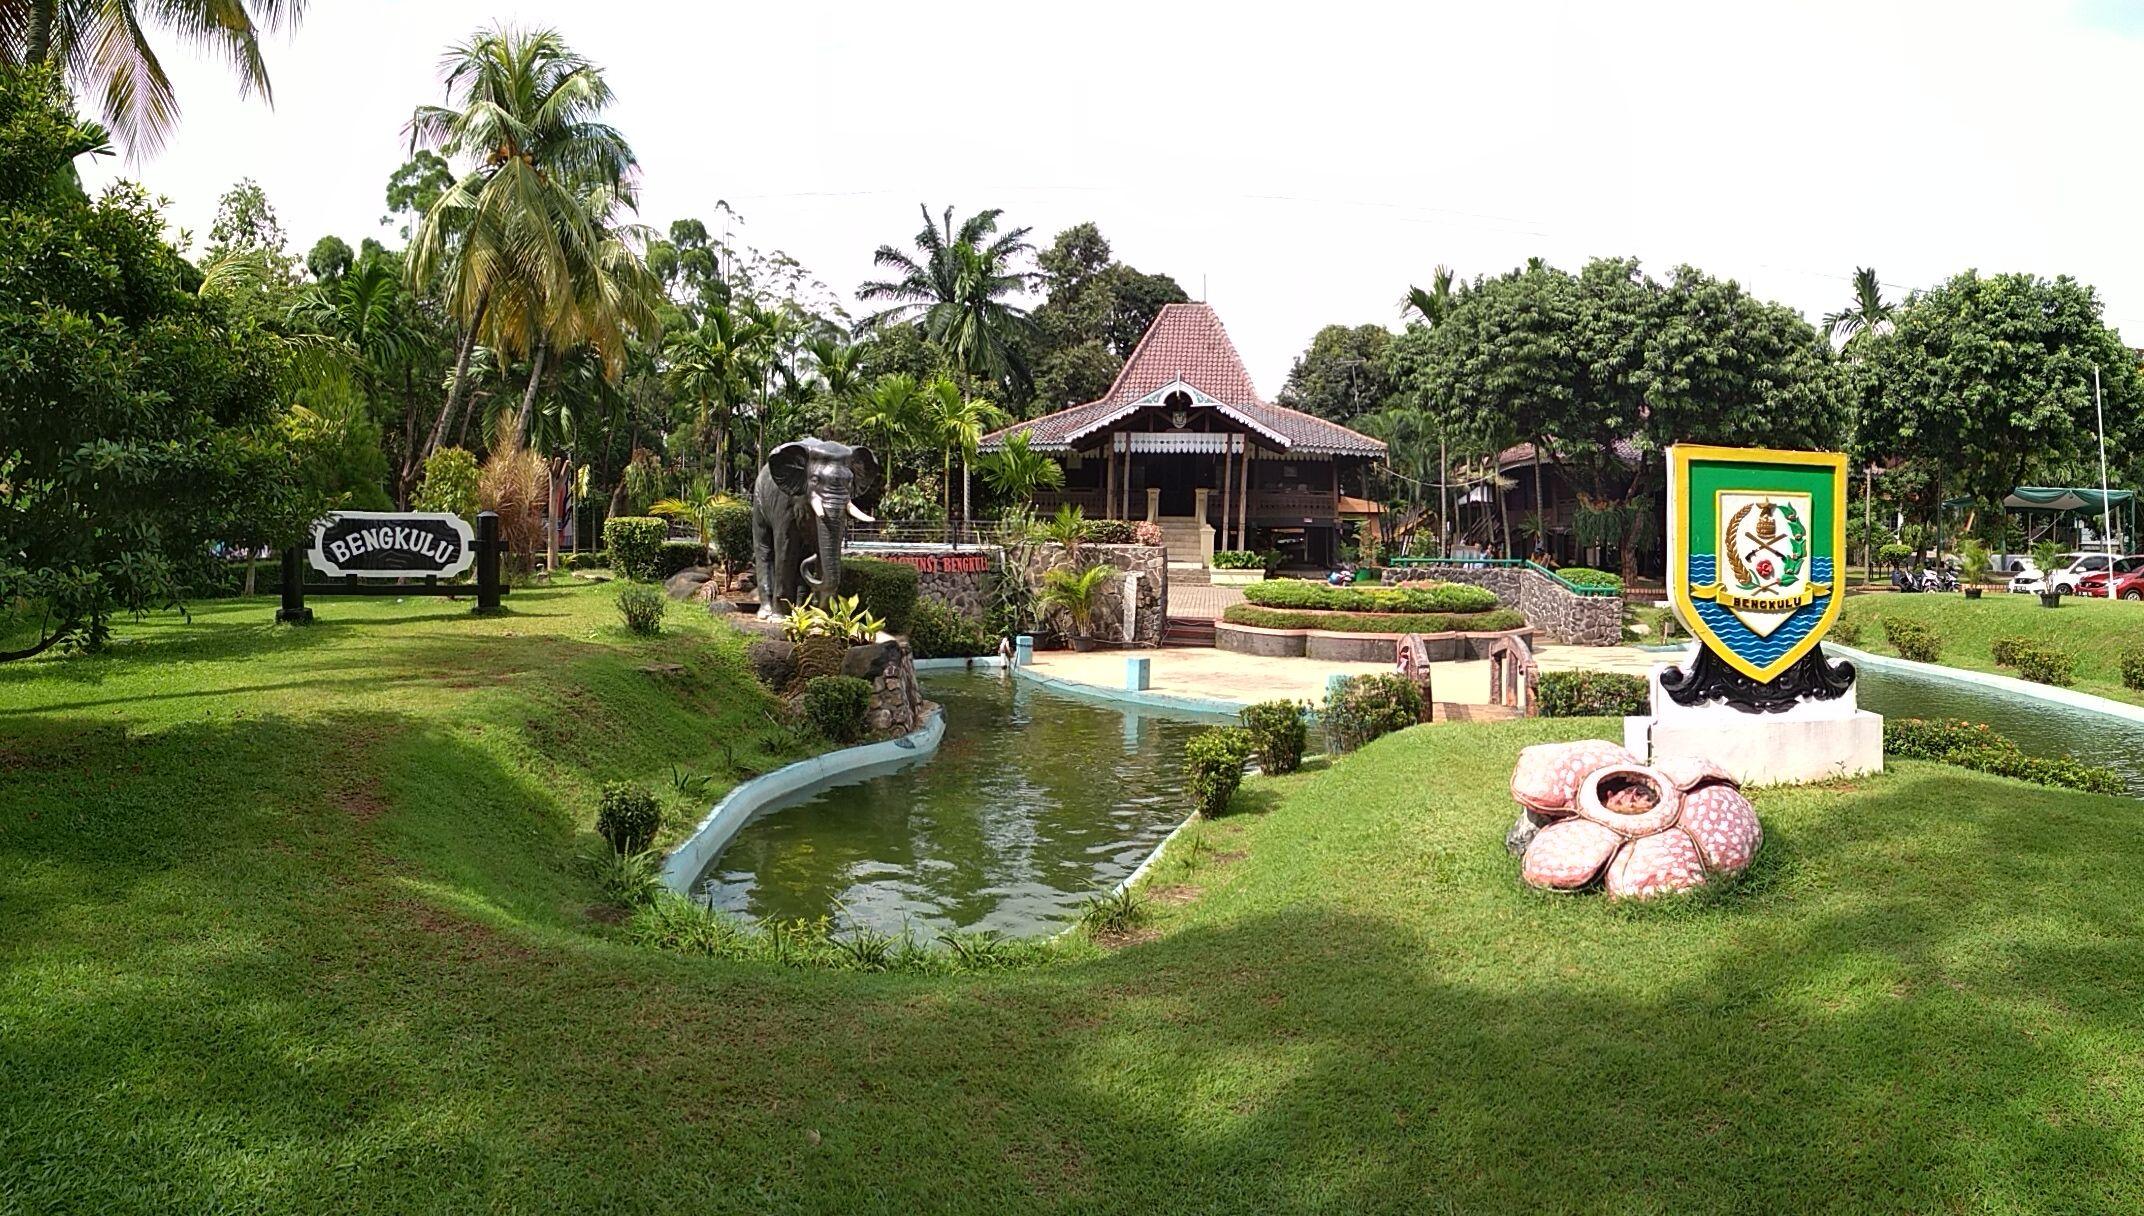 Melihat Tempat Wisata Tmii Indonesia Anjungan Provinsi Bengkulu Taman Keluarga